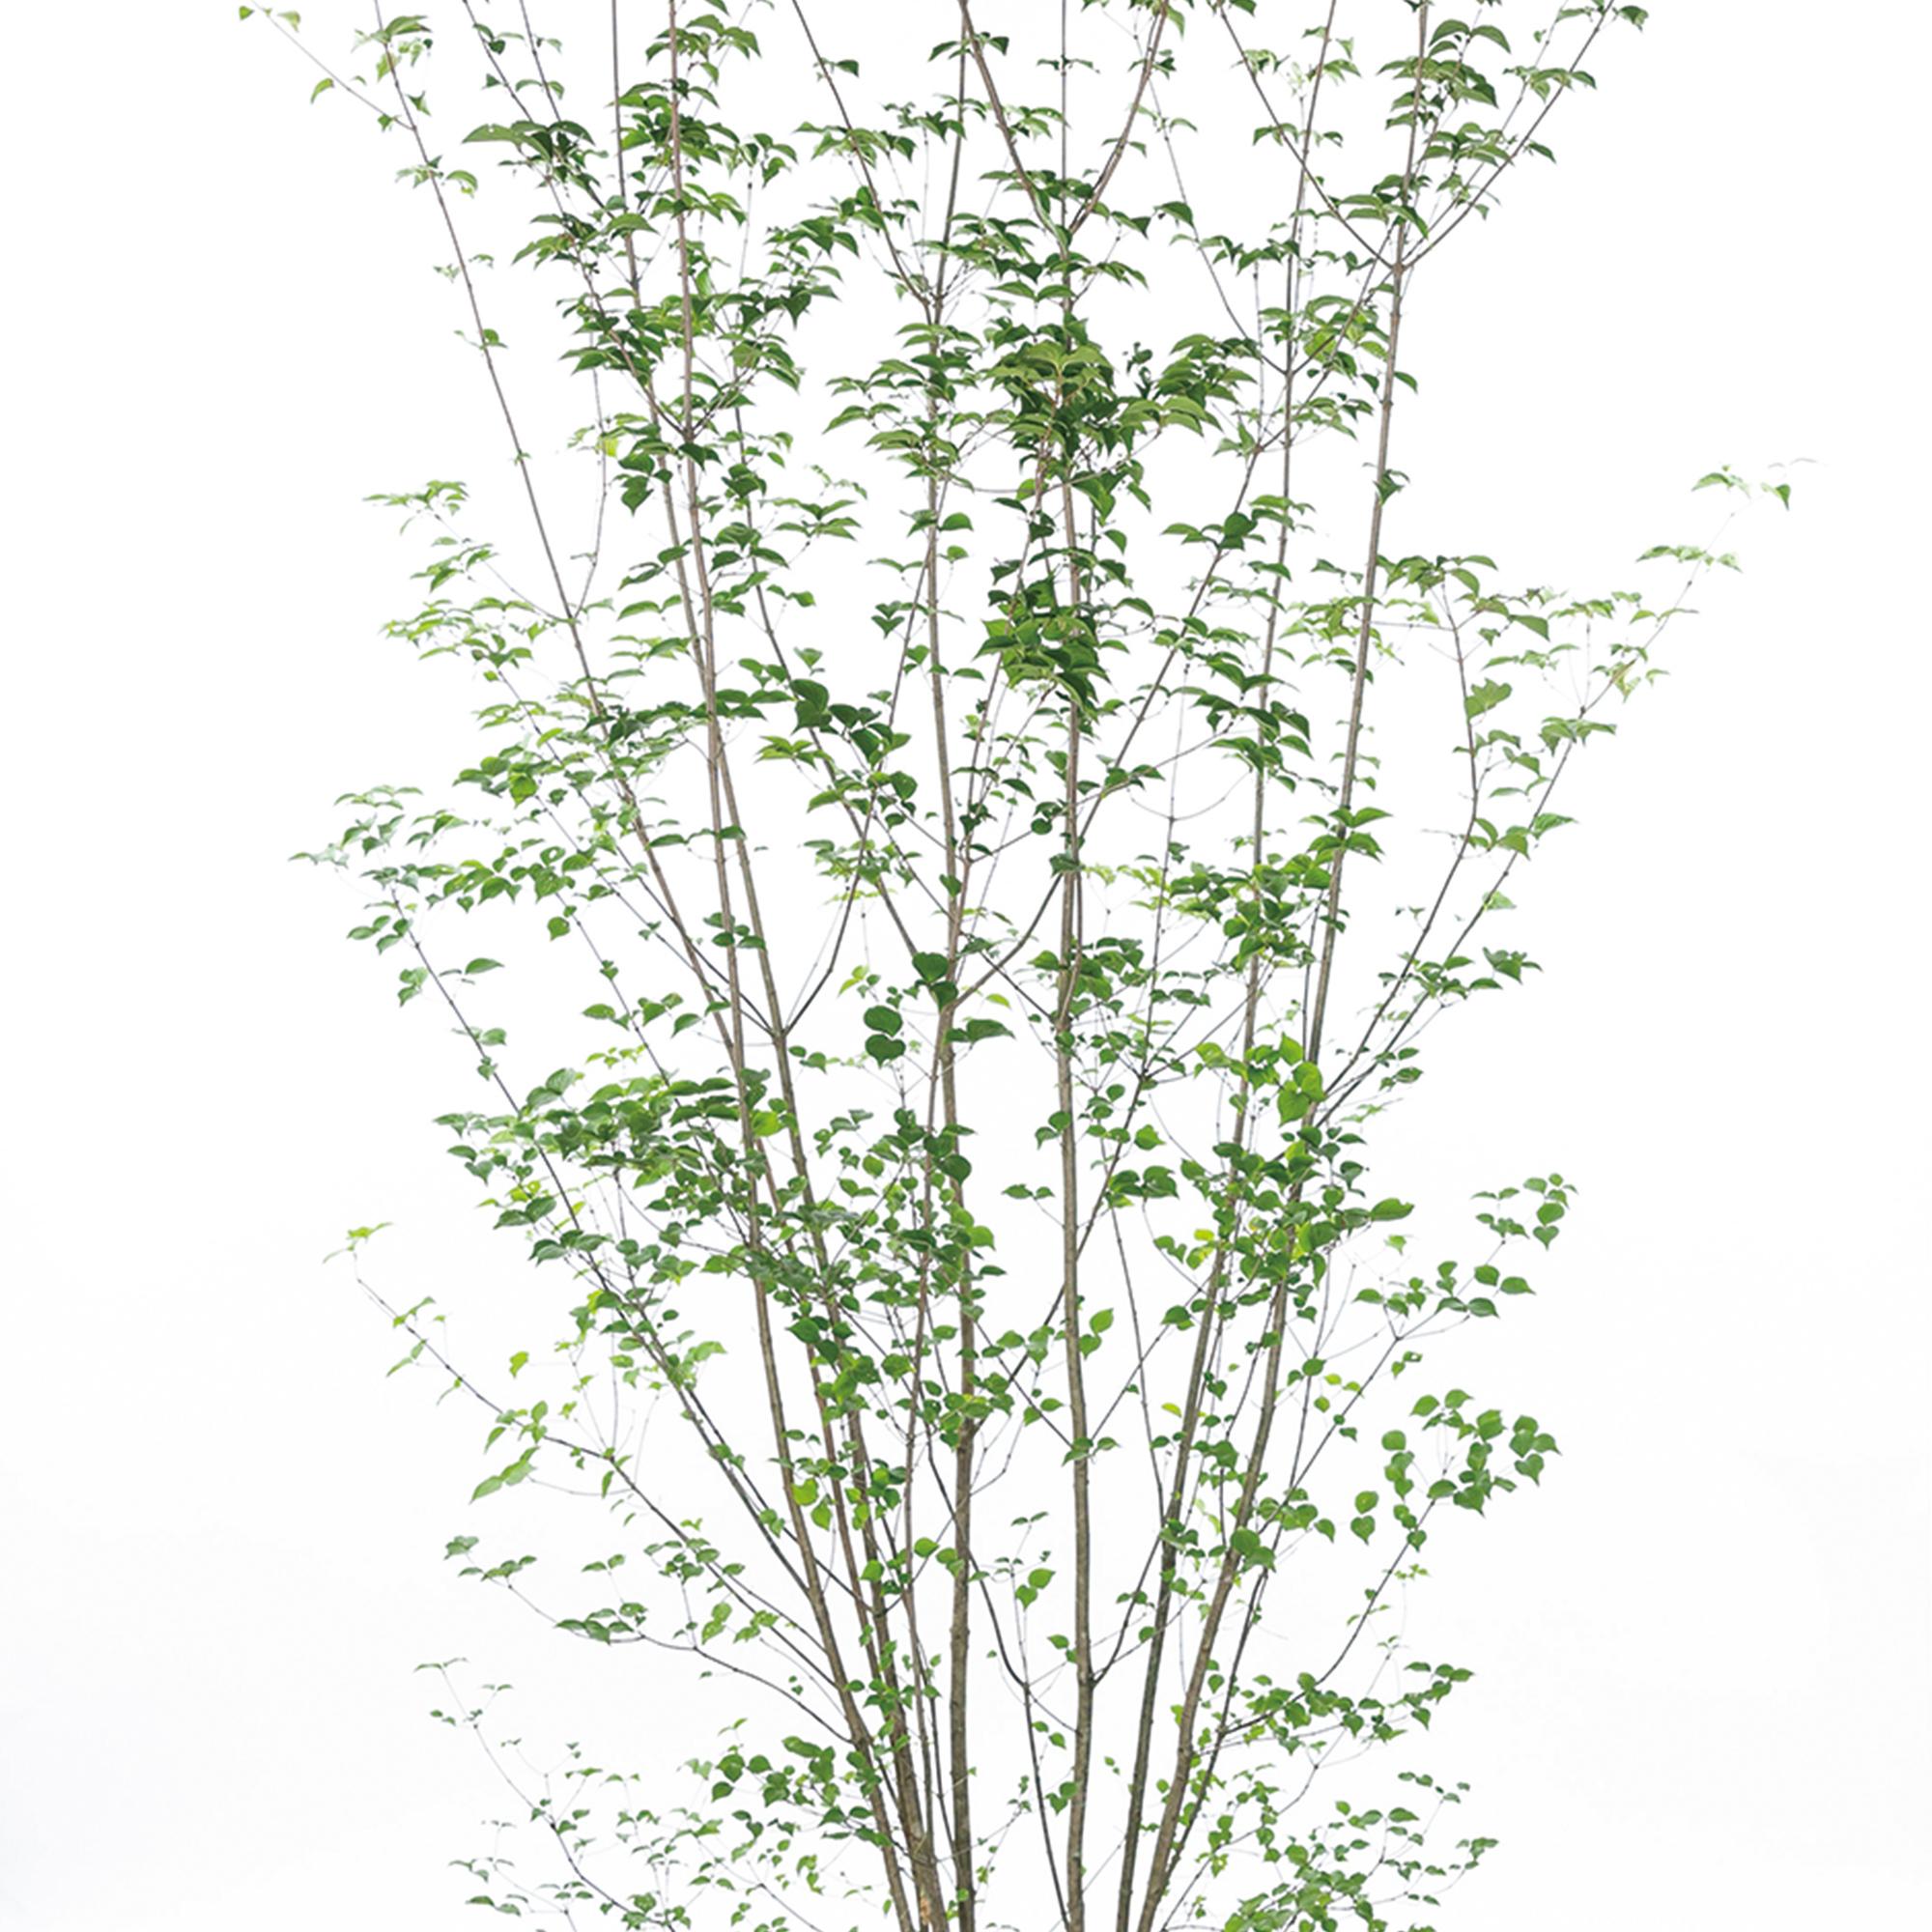 ヤマボウシ 植栽 お庭 ガーデン